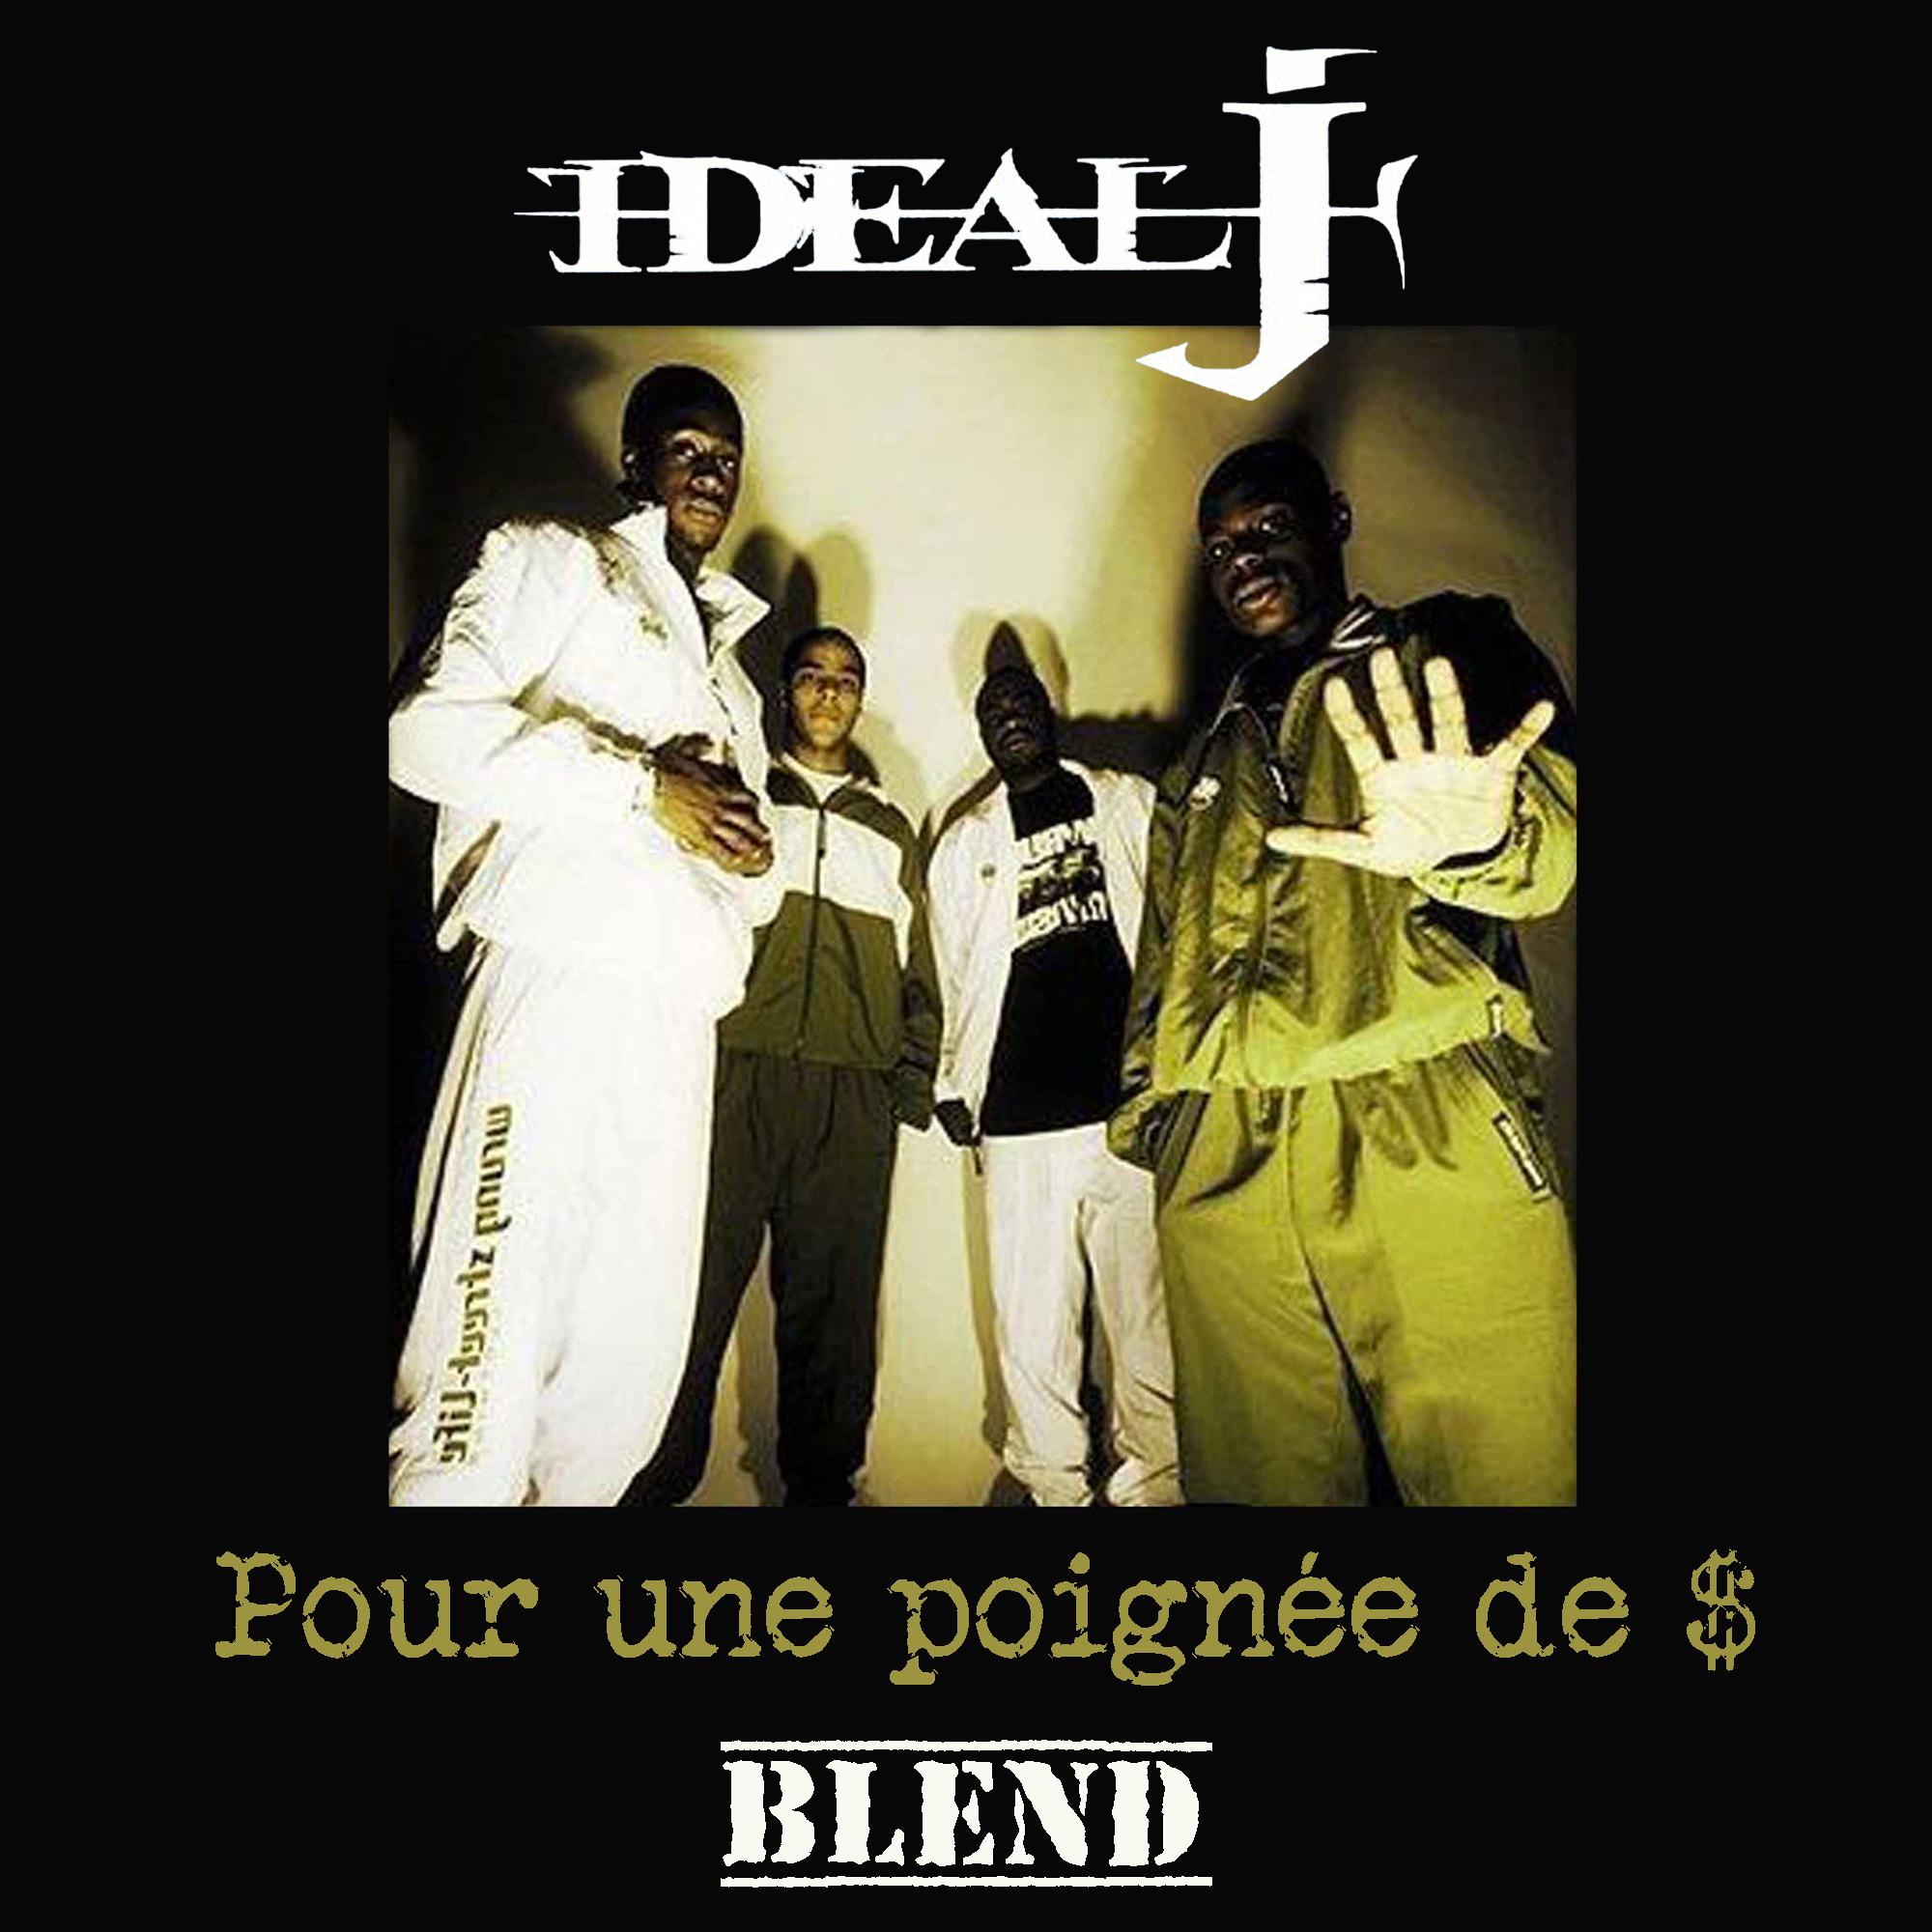 IDEAL J - Pour une poignée de $ - BLEND